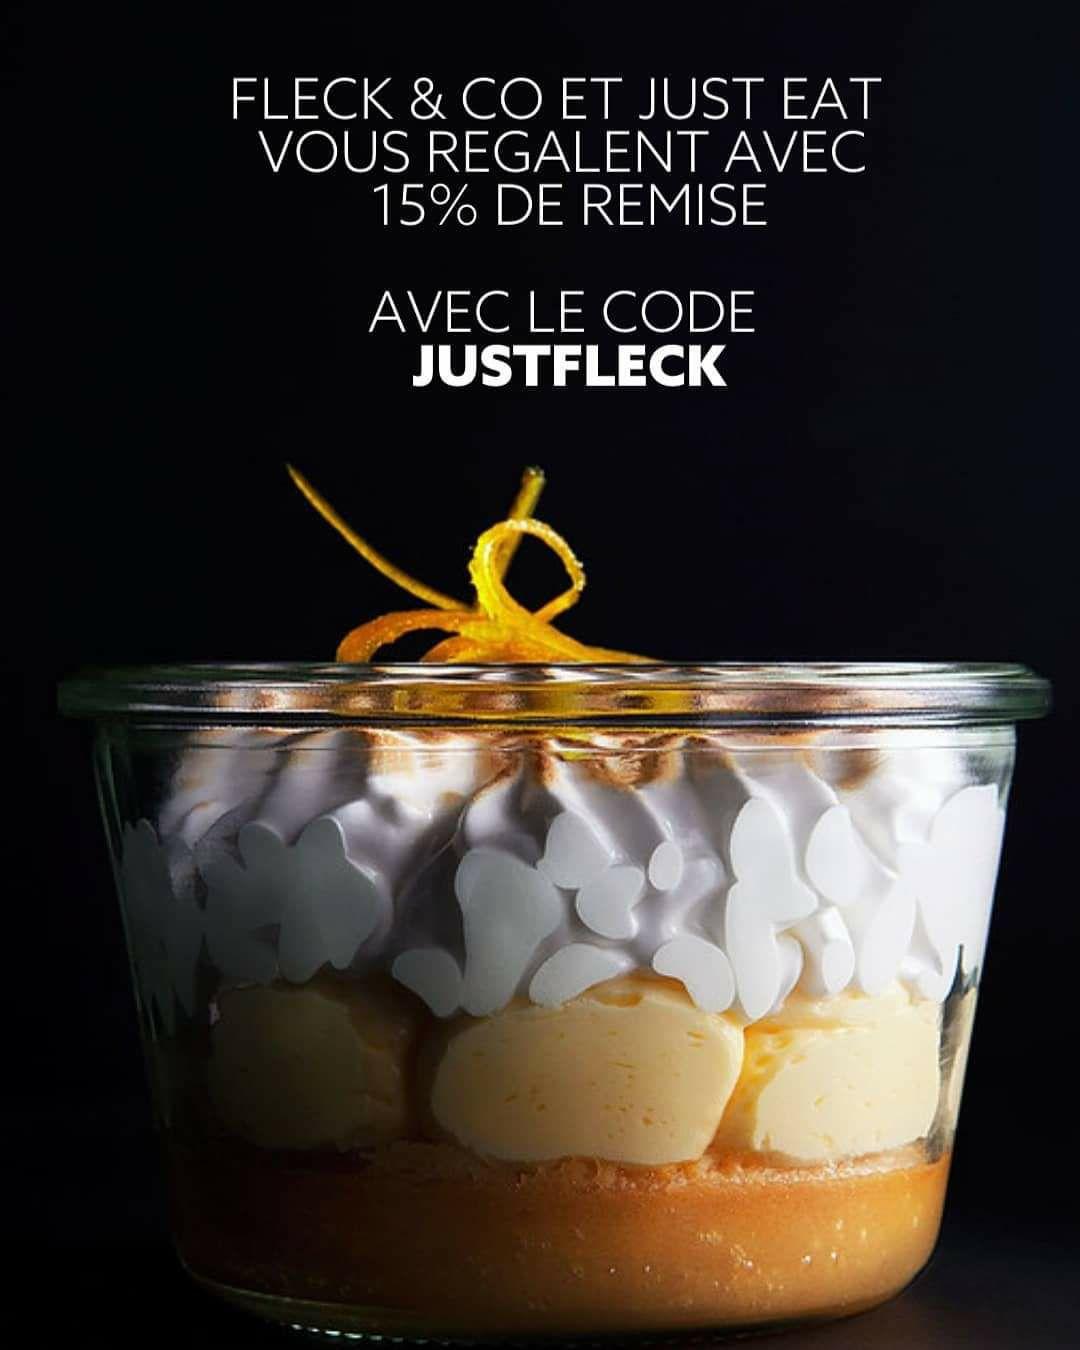 15% de réduction immédiate sur votre commande Chez Fleck & Co (67)